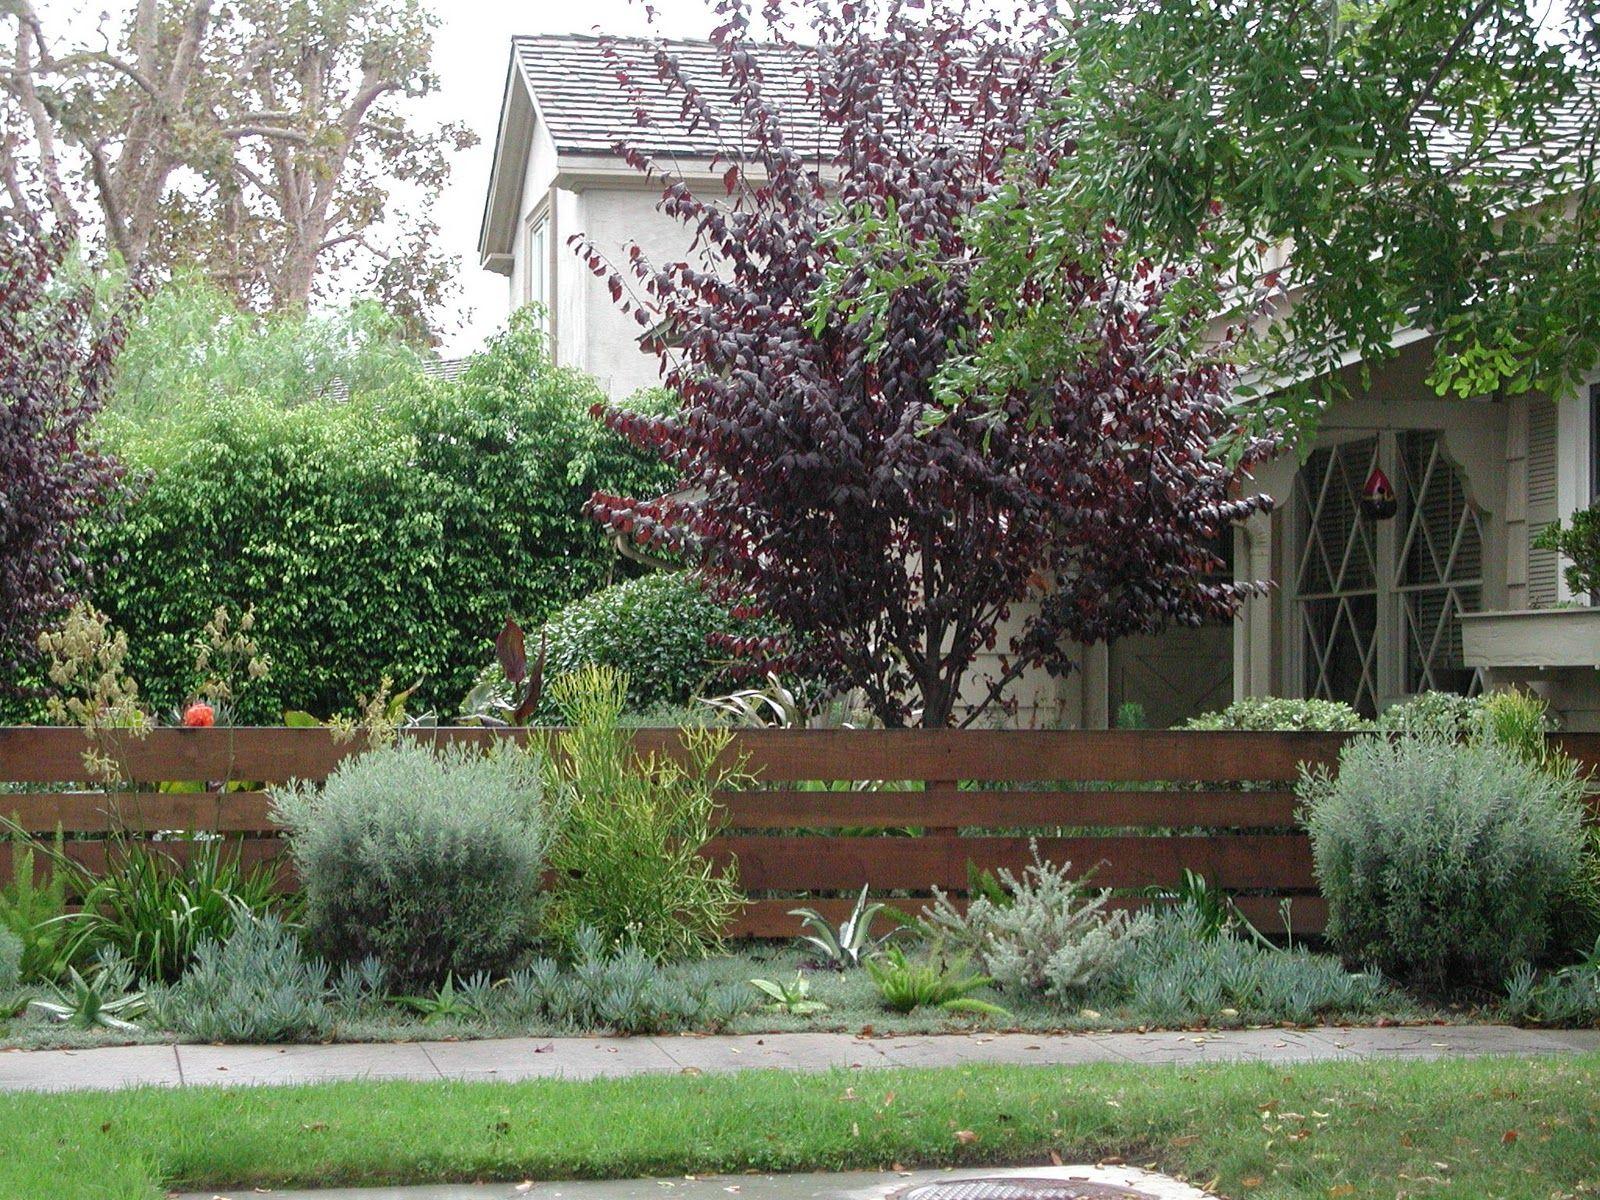 front yard fences google search menlo park pinterest. Black Bedroom Furniture Sets. Home Design Ideas